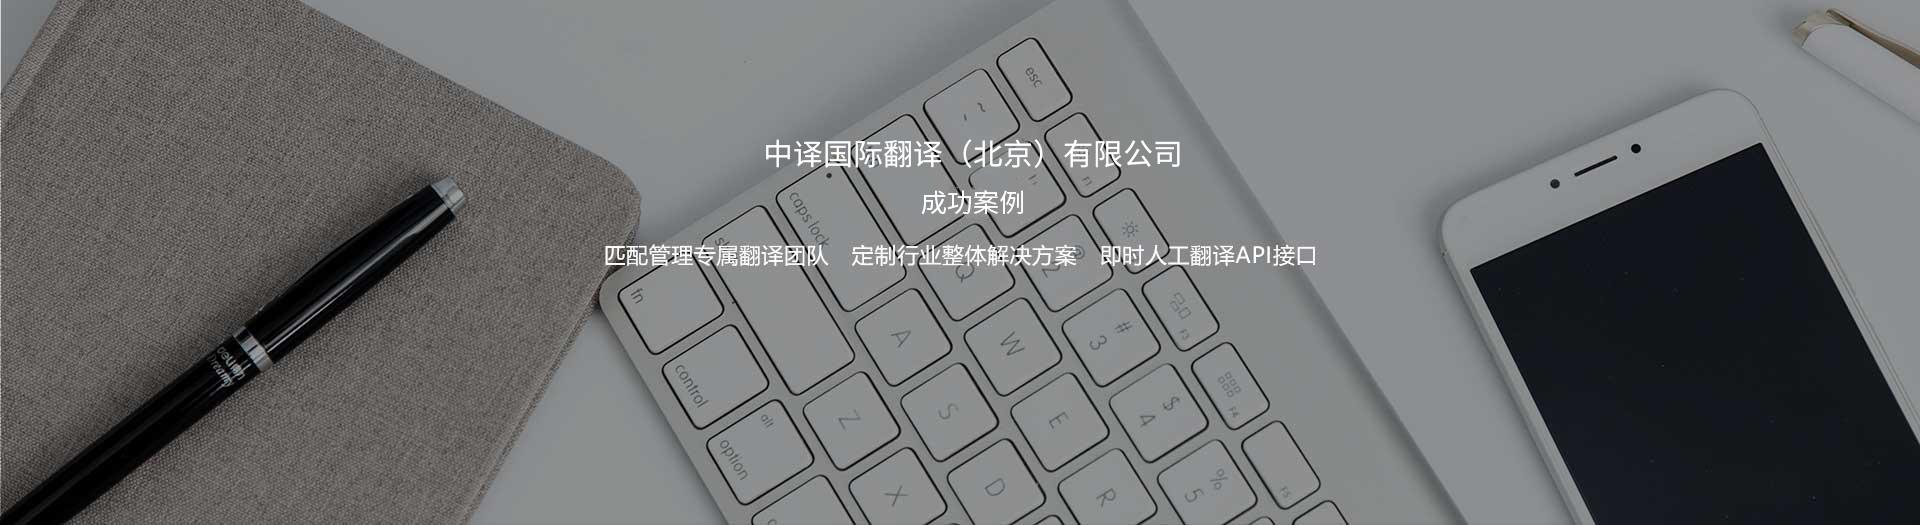 北京qy288.vip千亿国际公司培训